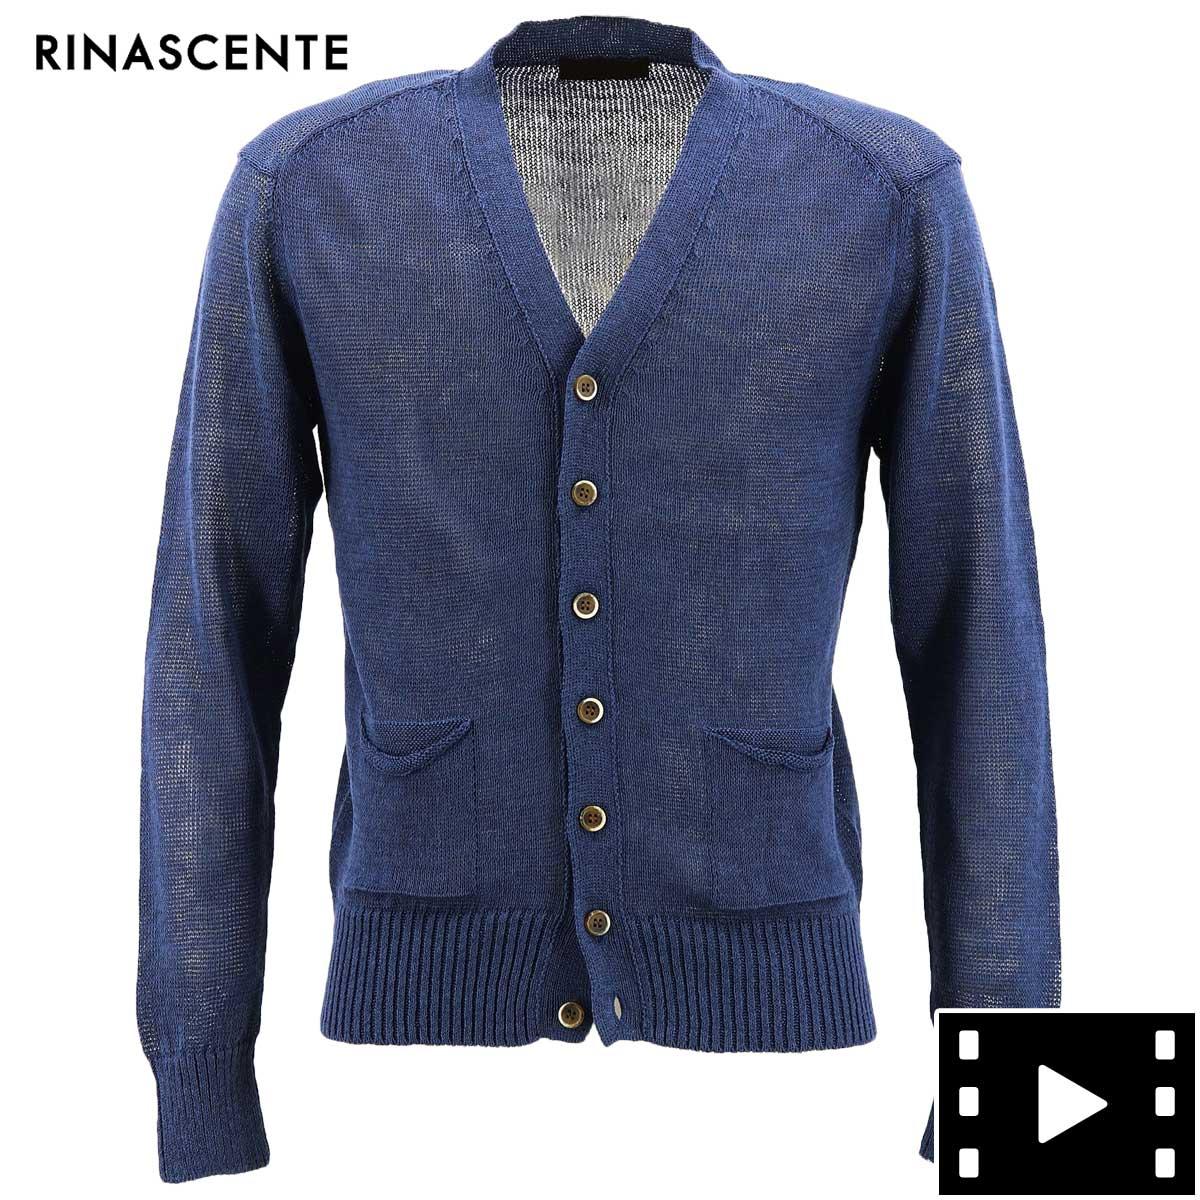 リナシェンテ RINASCENTE メンズ リネン サマーニットカーディガン 6756 RST(ネイビー) 春夏新作